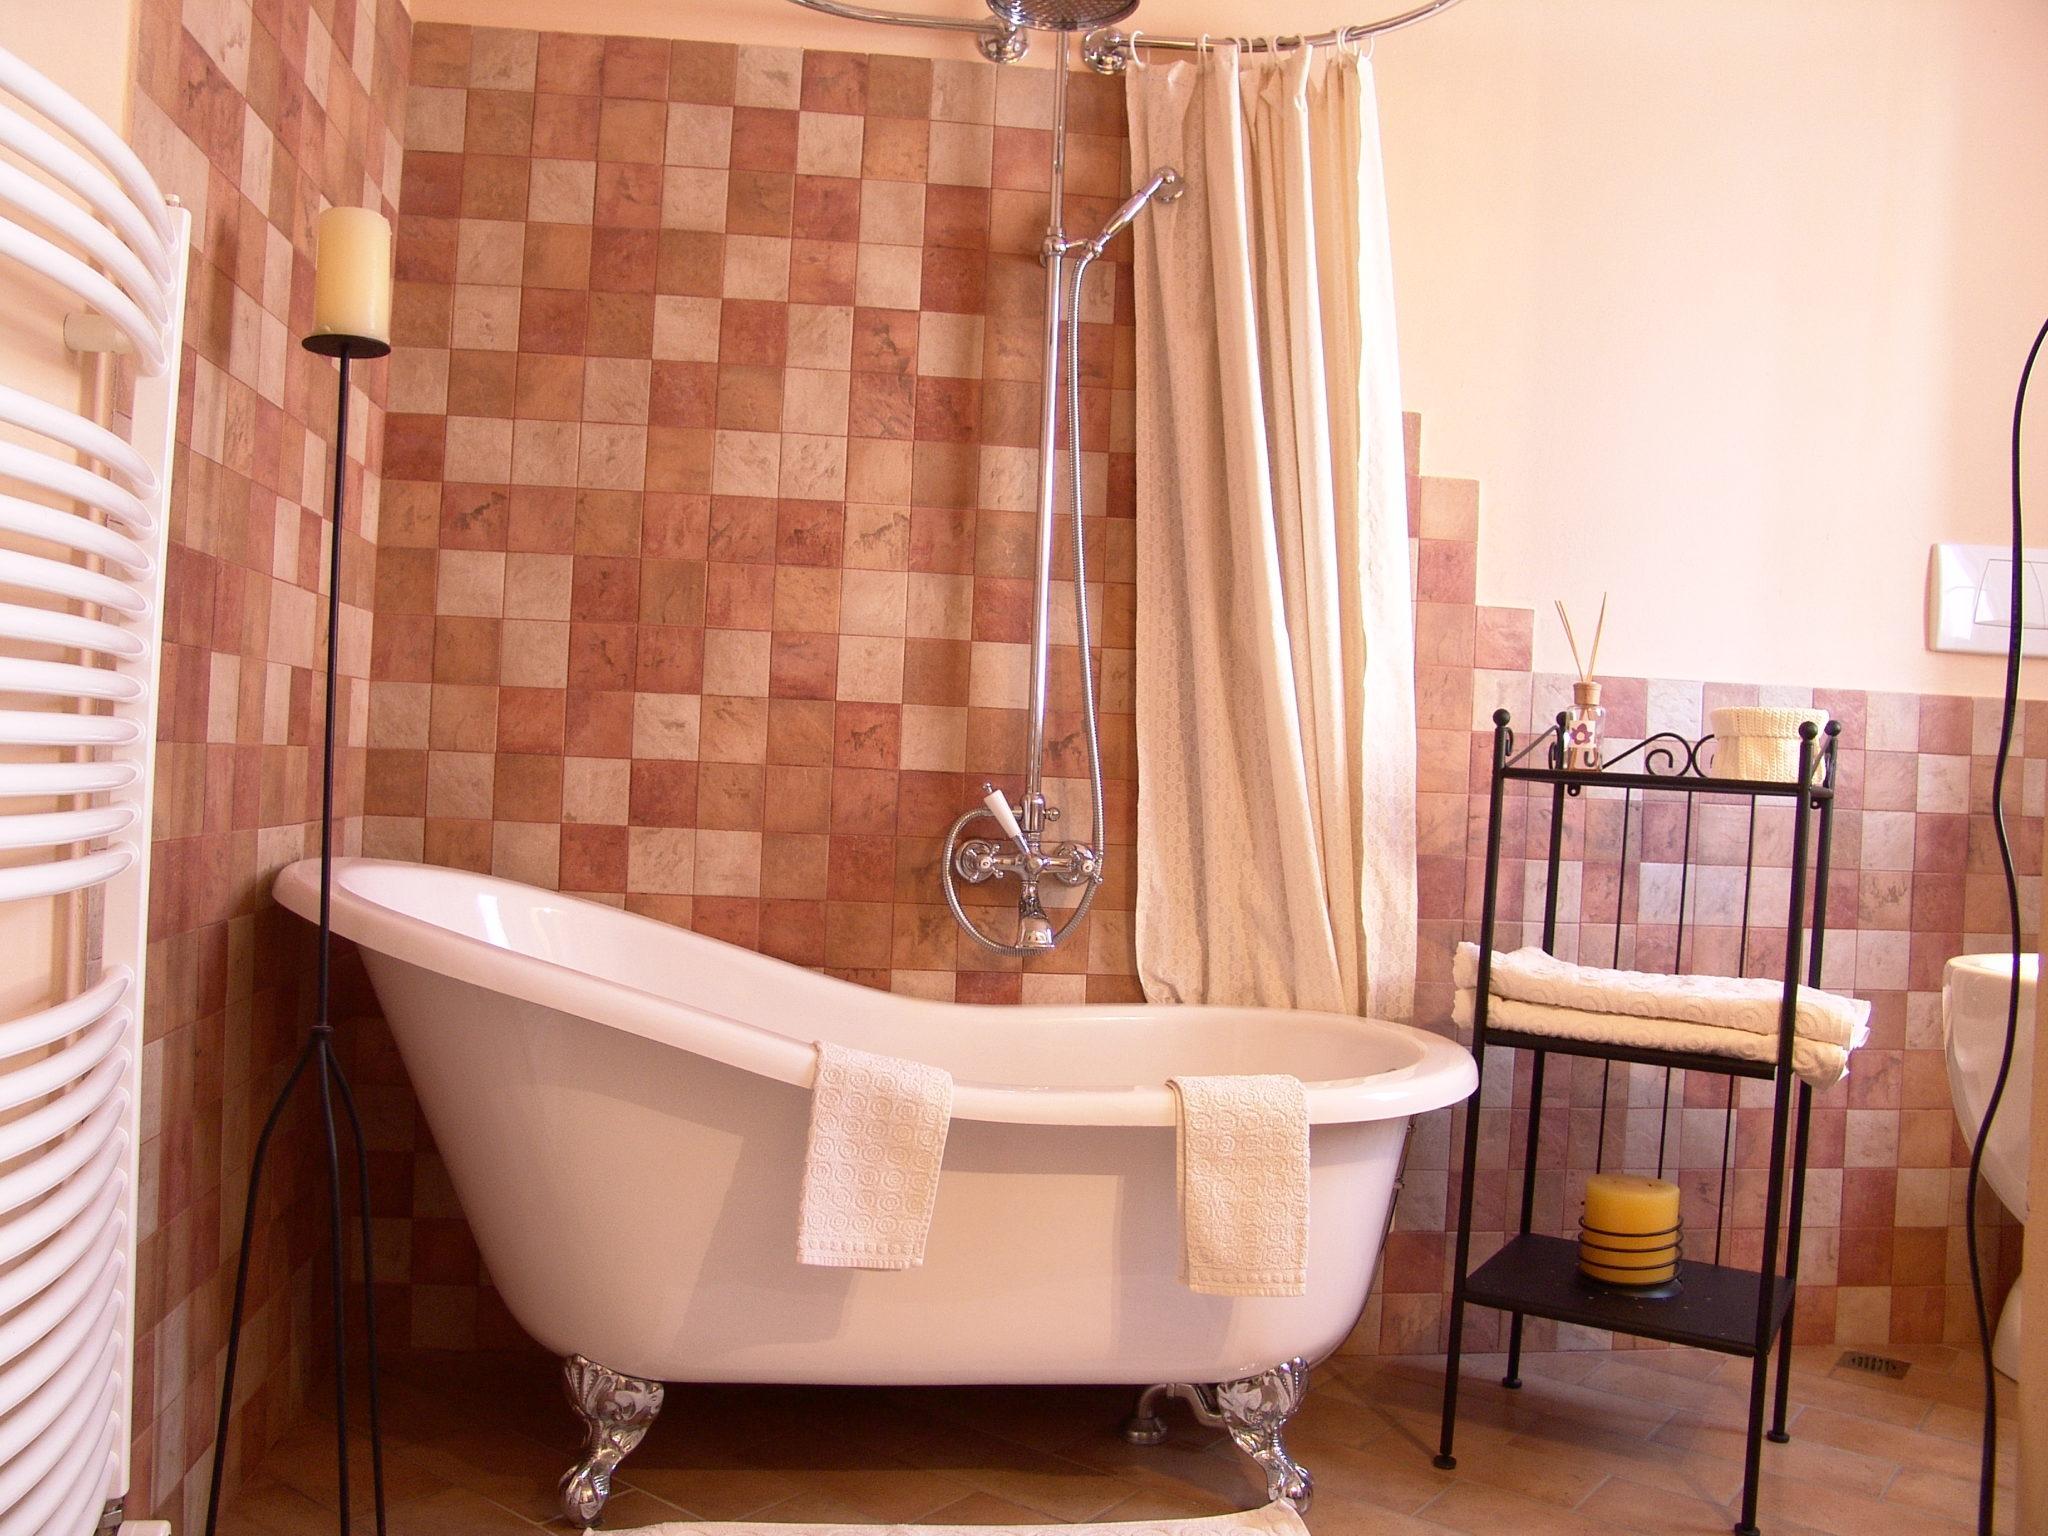 bagno in camera al B&B il Casale di san giovanni in marignano